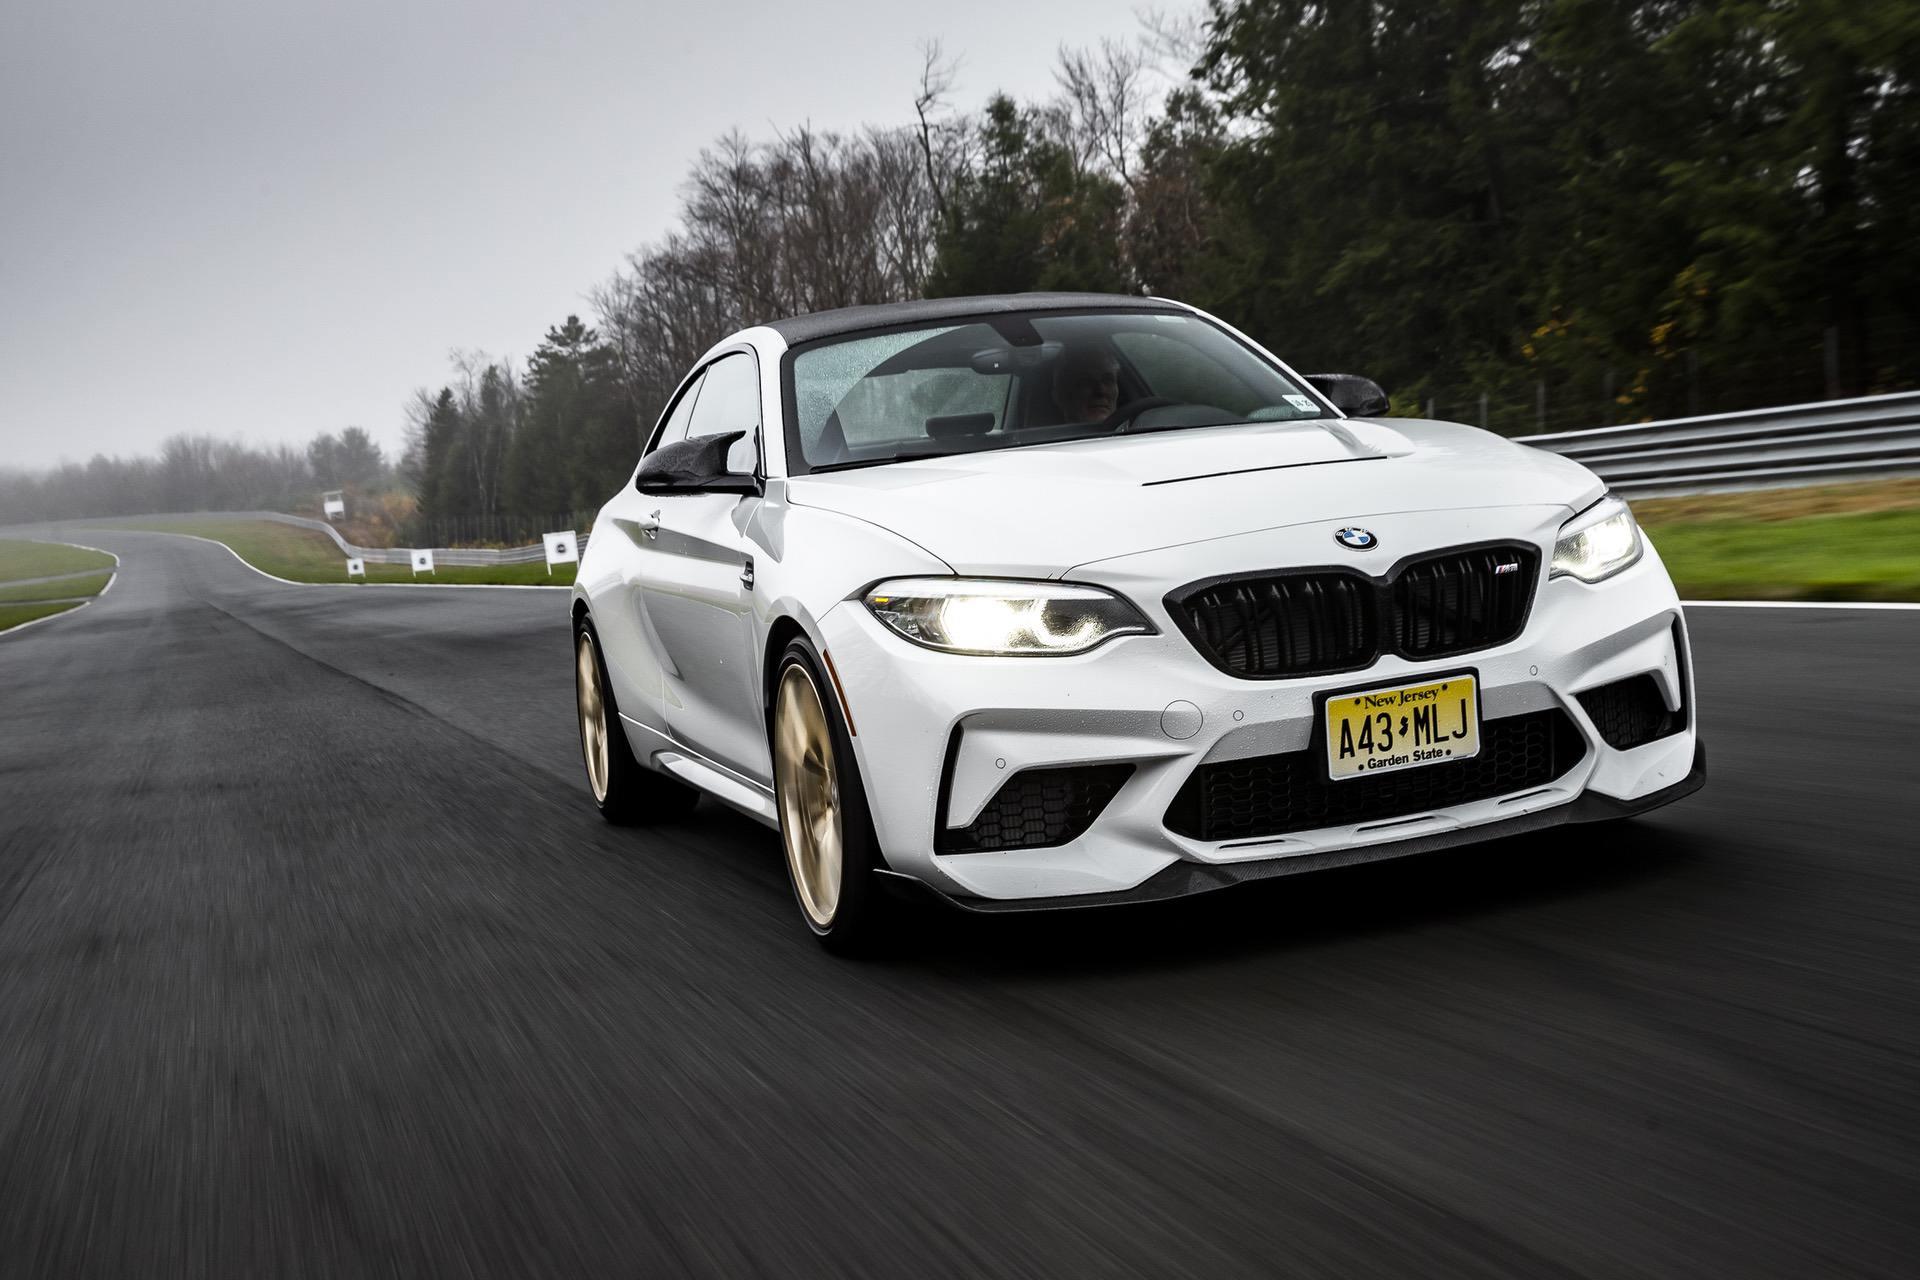 BMW M превосходит Mercedes-AMG в 2020 году